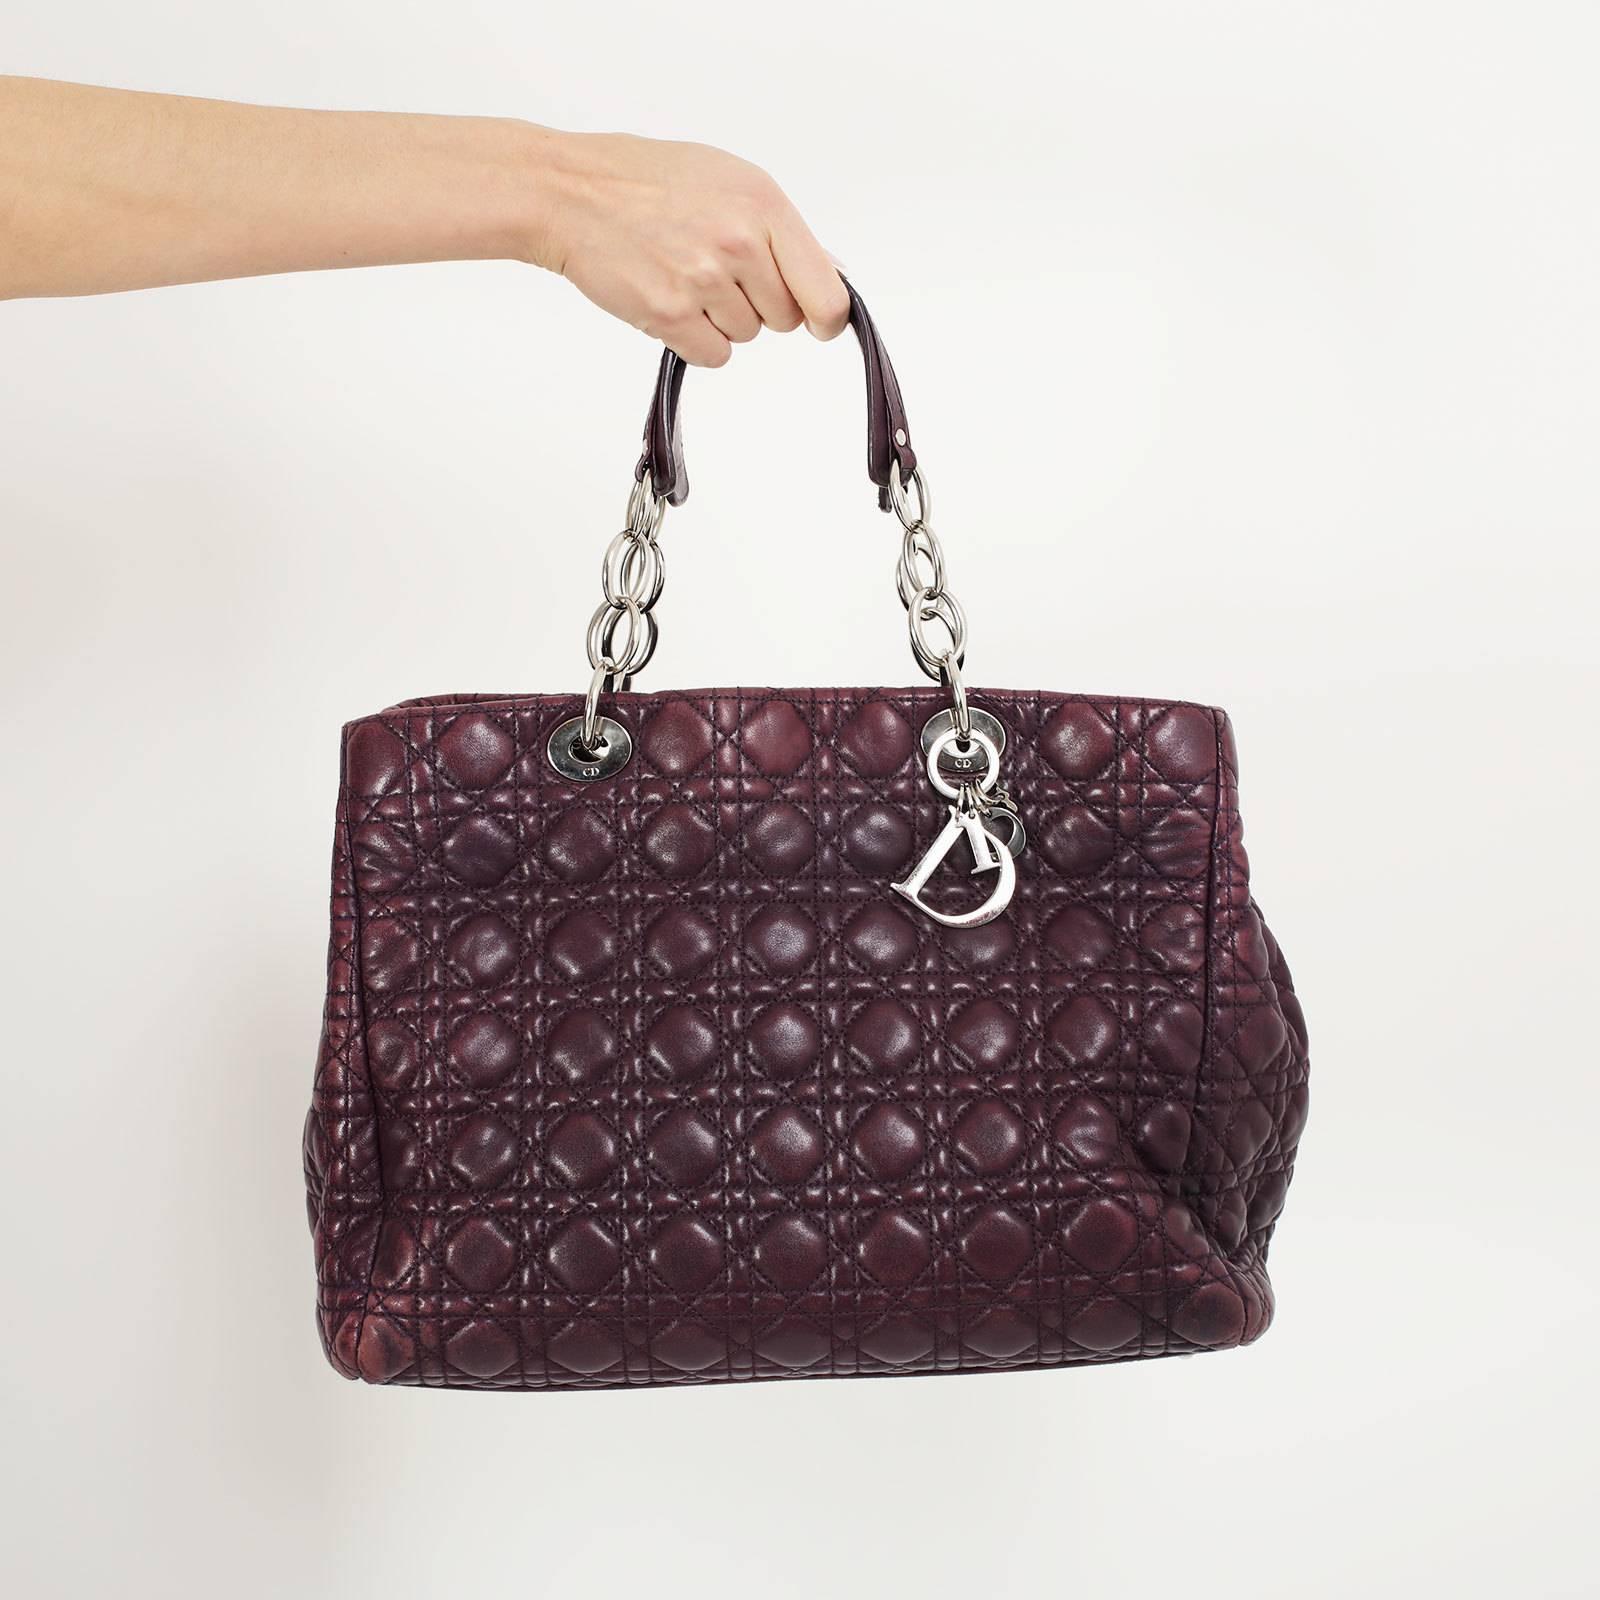 ed847e9f5a2c Купить сумку Christian Dior в Москве с доставкой по цене 22000 ...